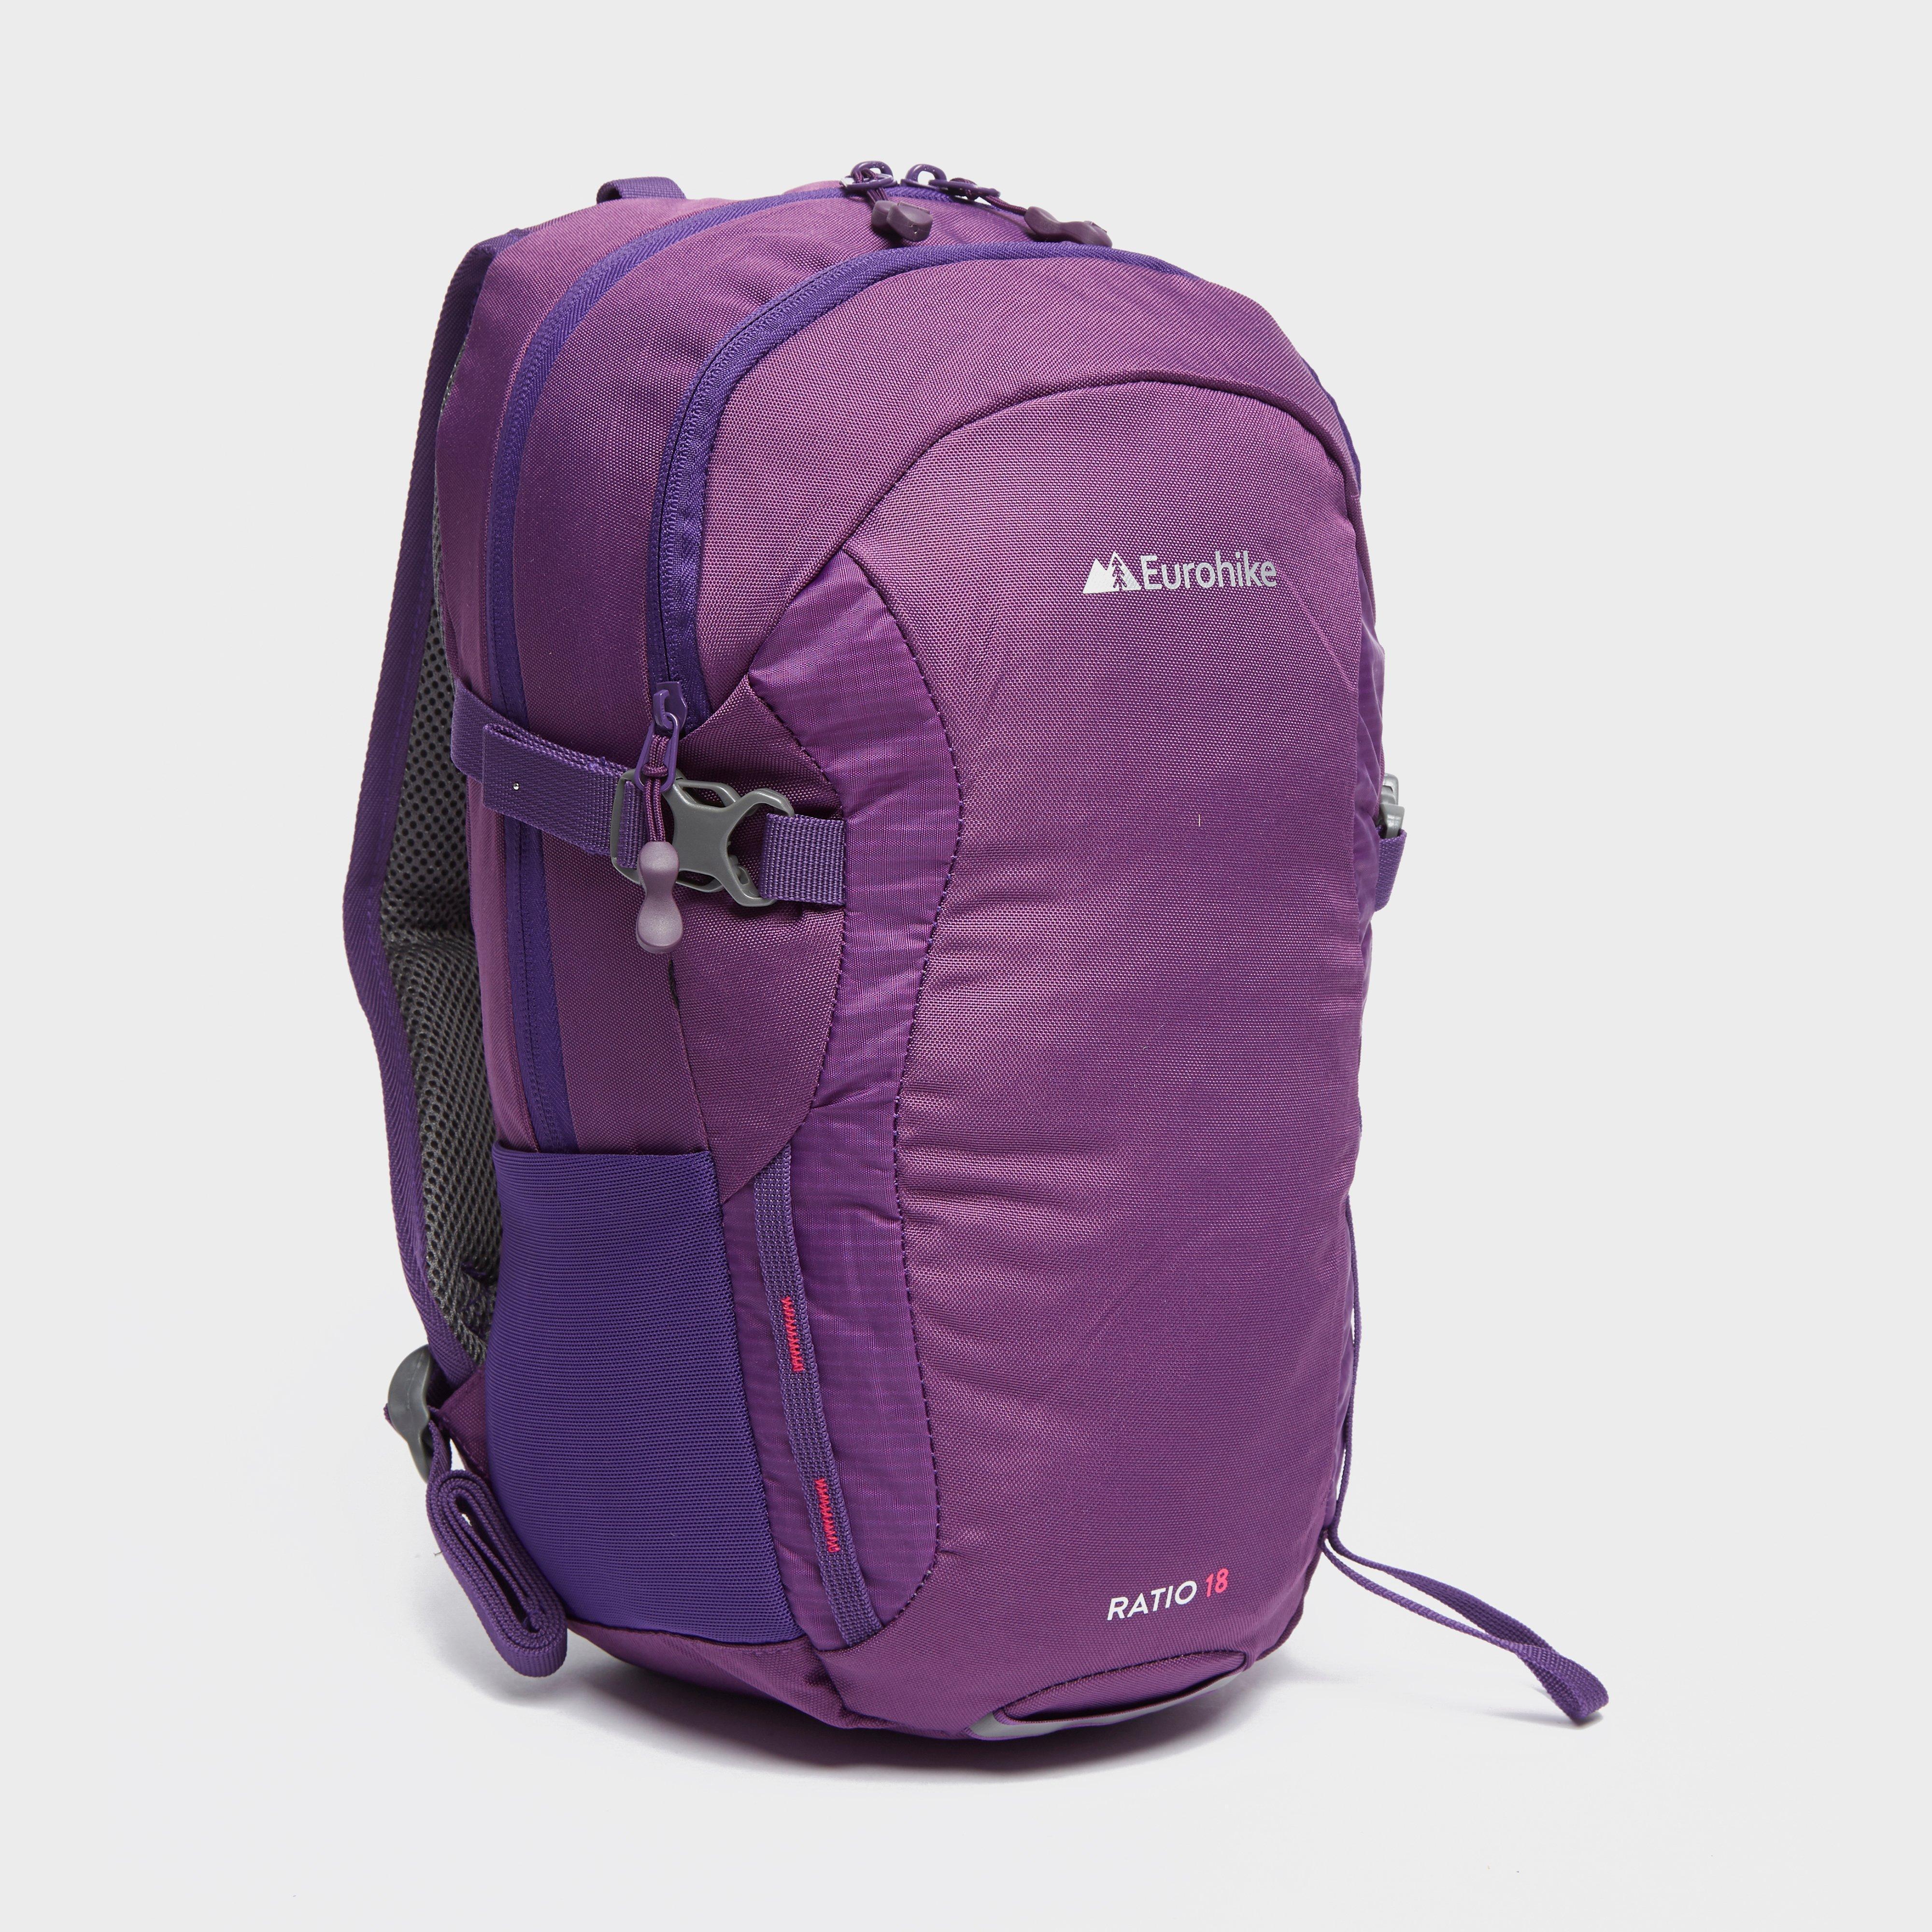 Eurohike Eurohike Ratio 18 Daysack, Purple